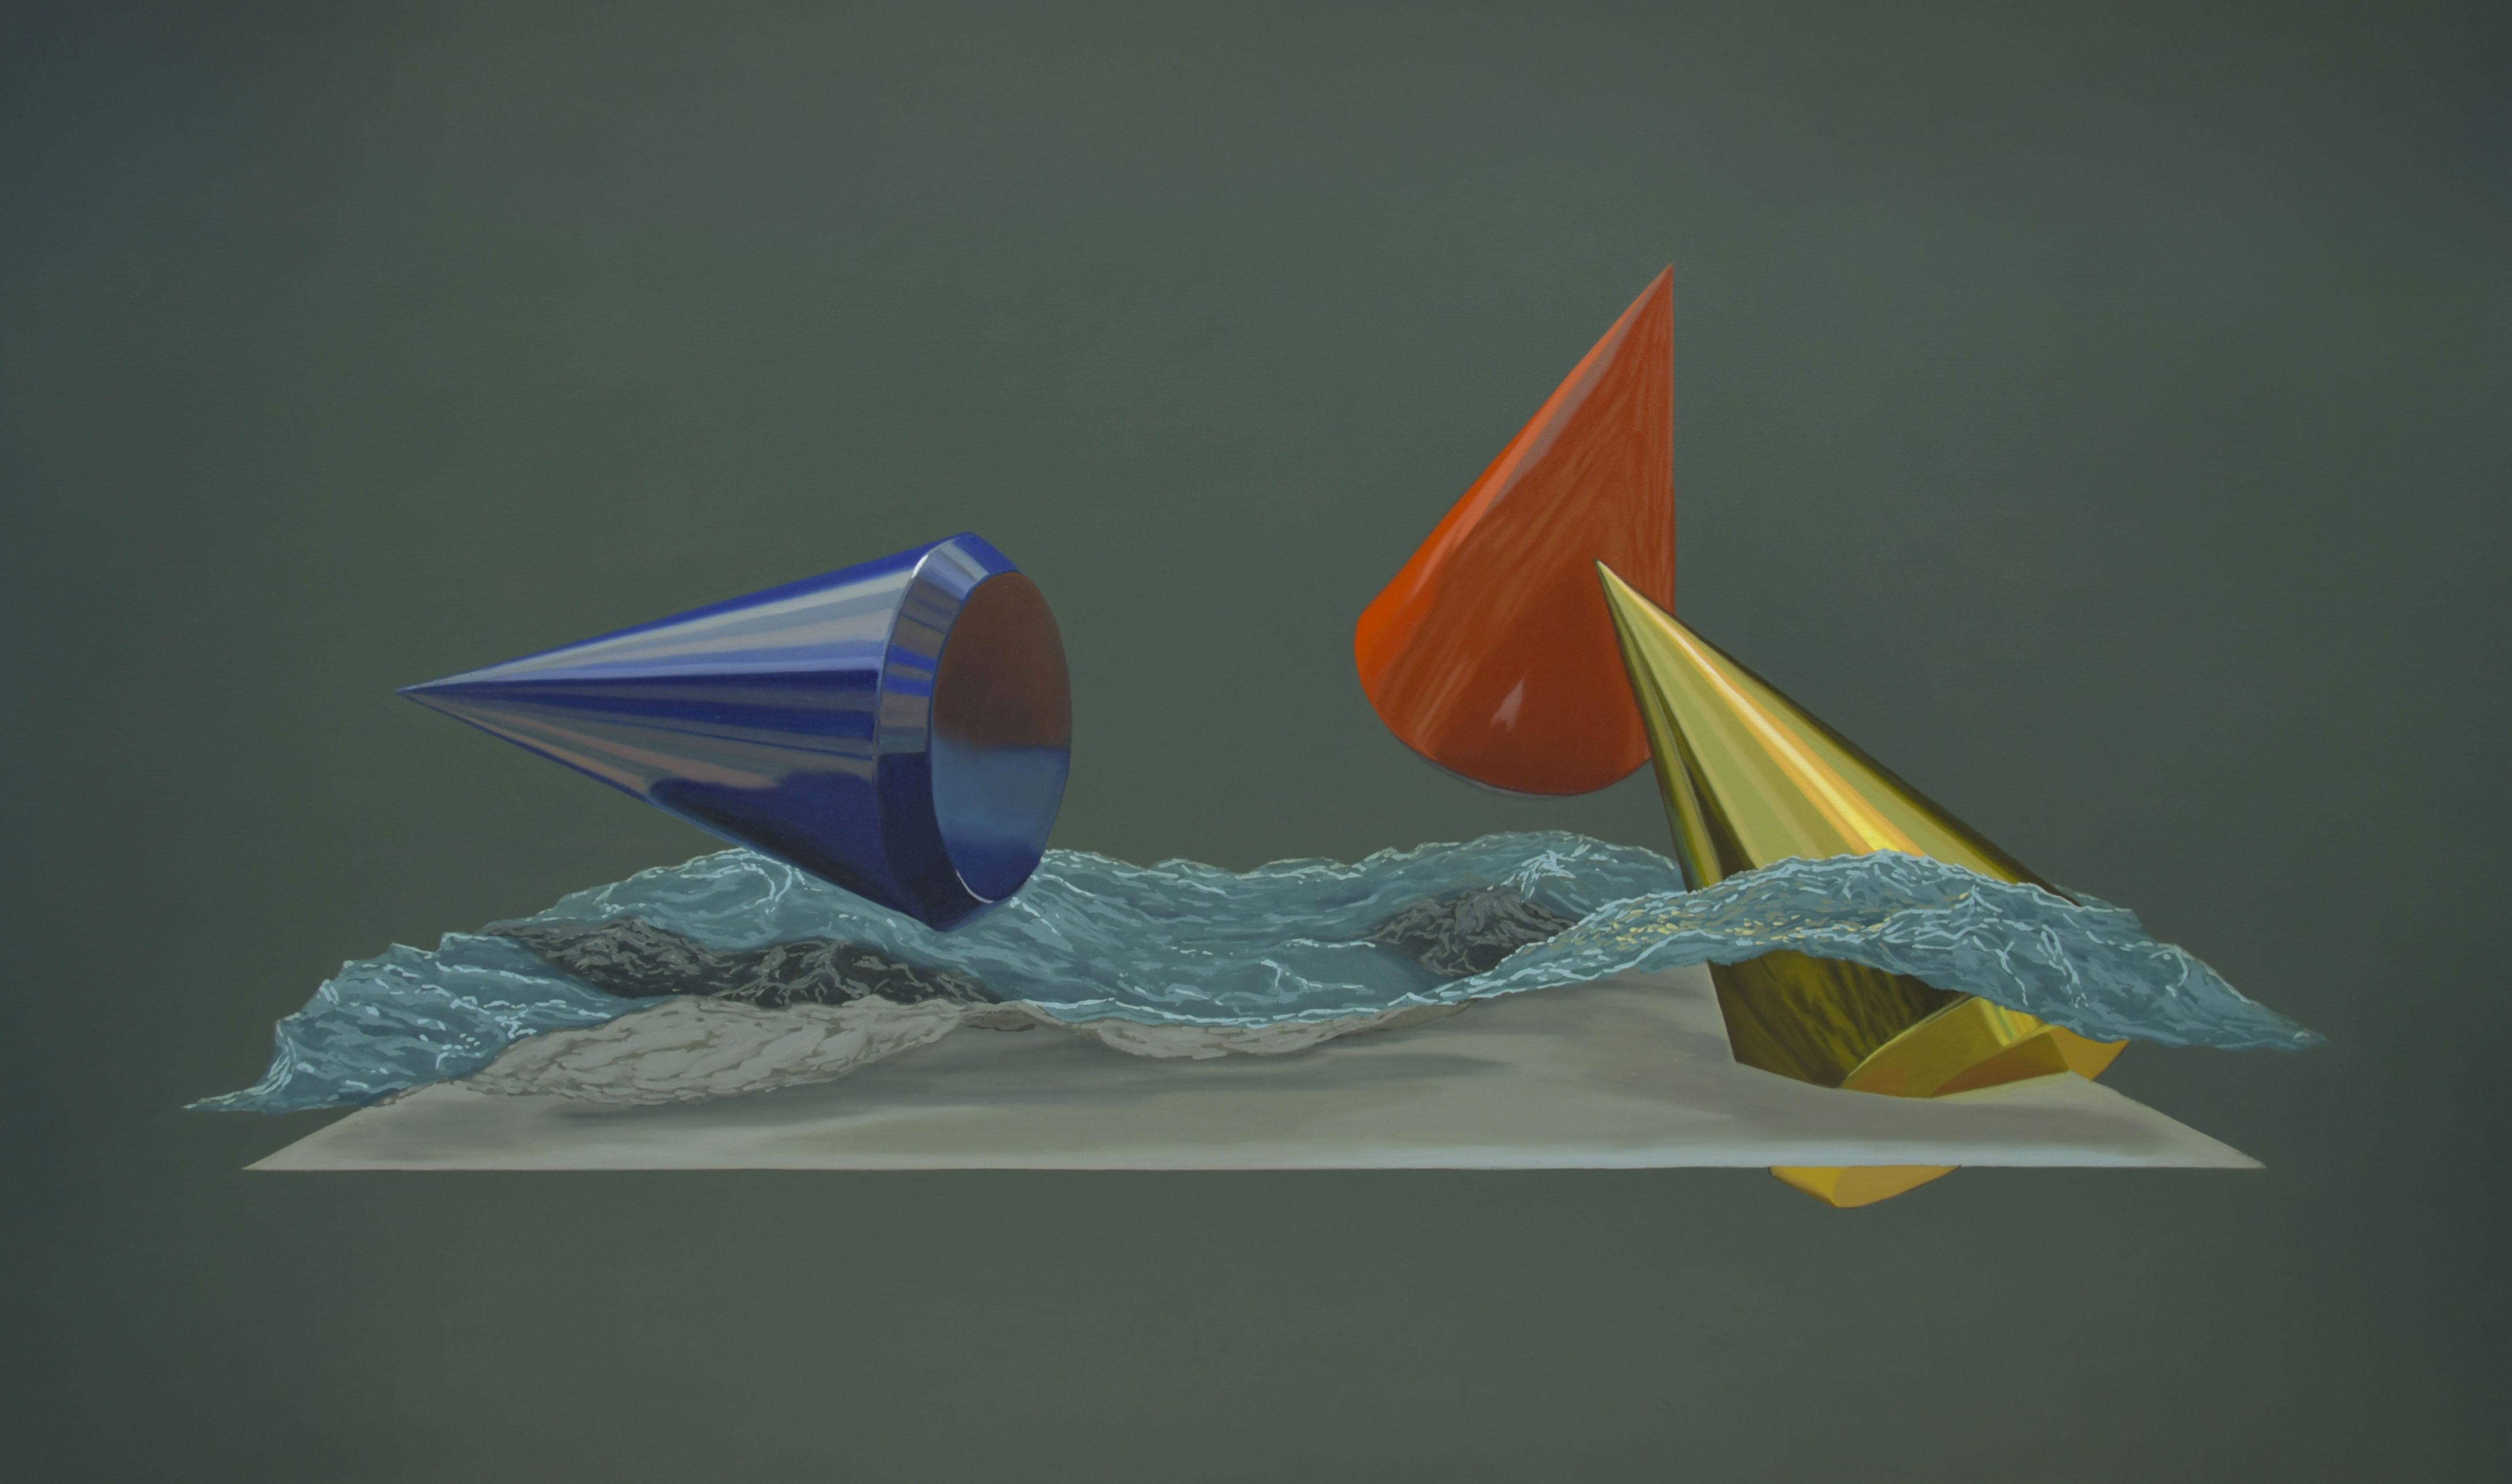 """Marine au cônes bleu, rouge et or, huile sur toile, 100 x 168 cm (39"""" x 66""""), 2018"""